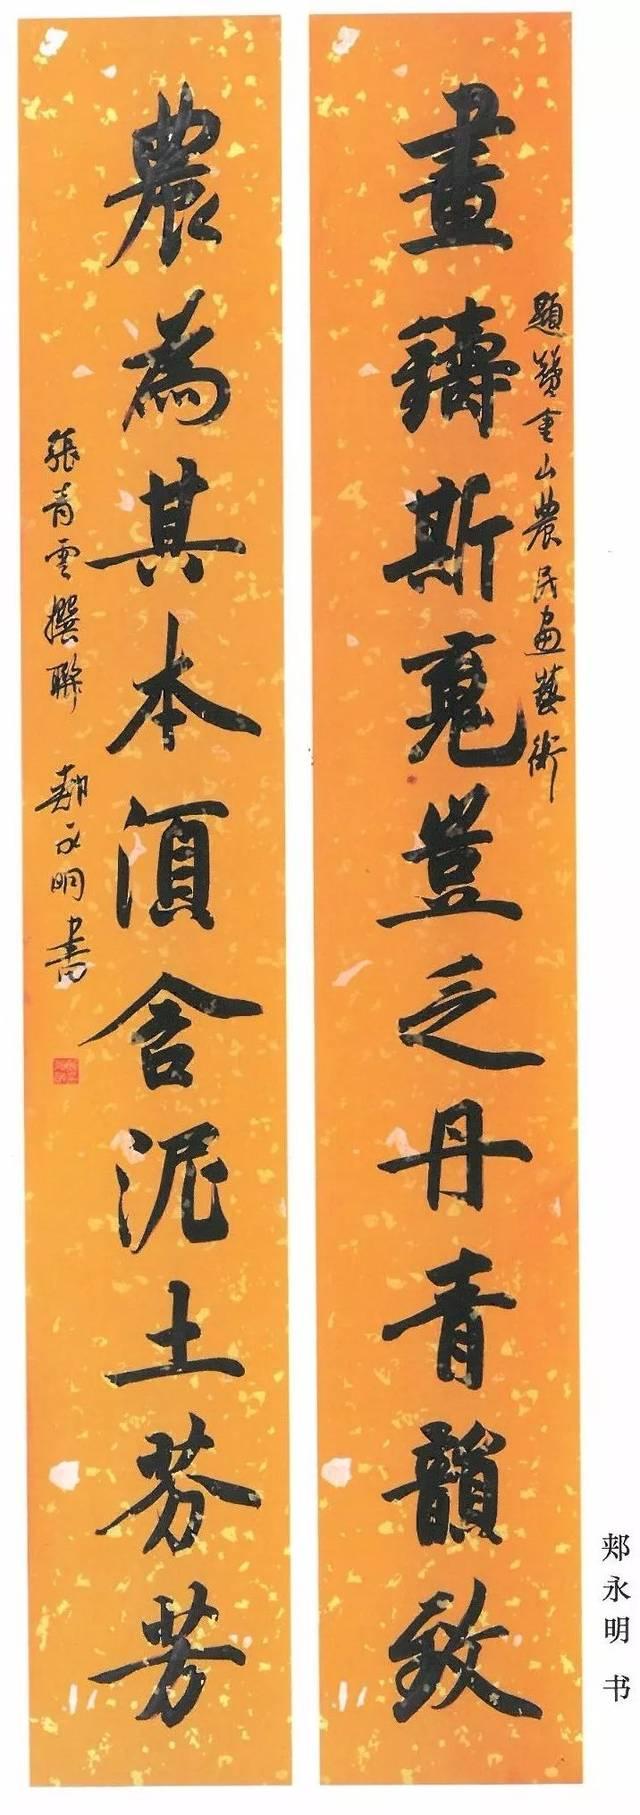 【妙哉】珠联玉对笔生辉——张青云楹联作品赏析图片